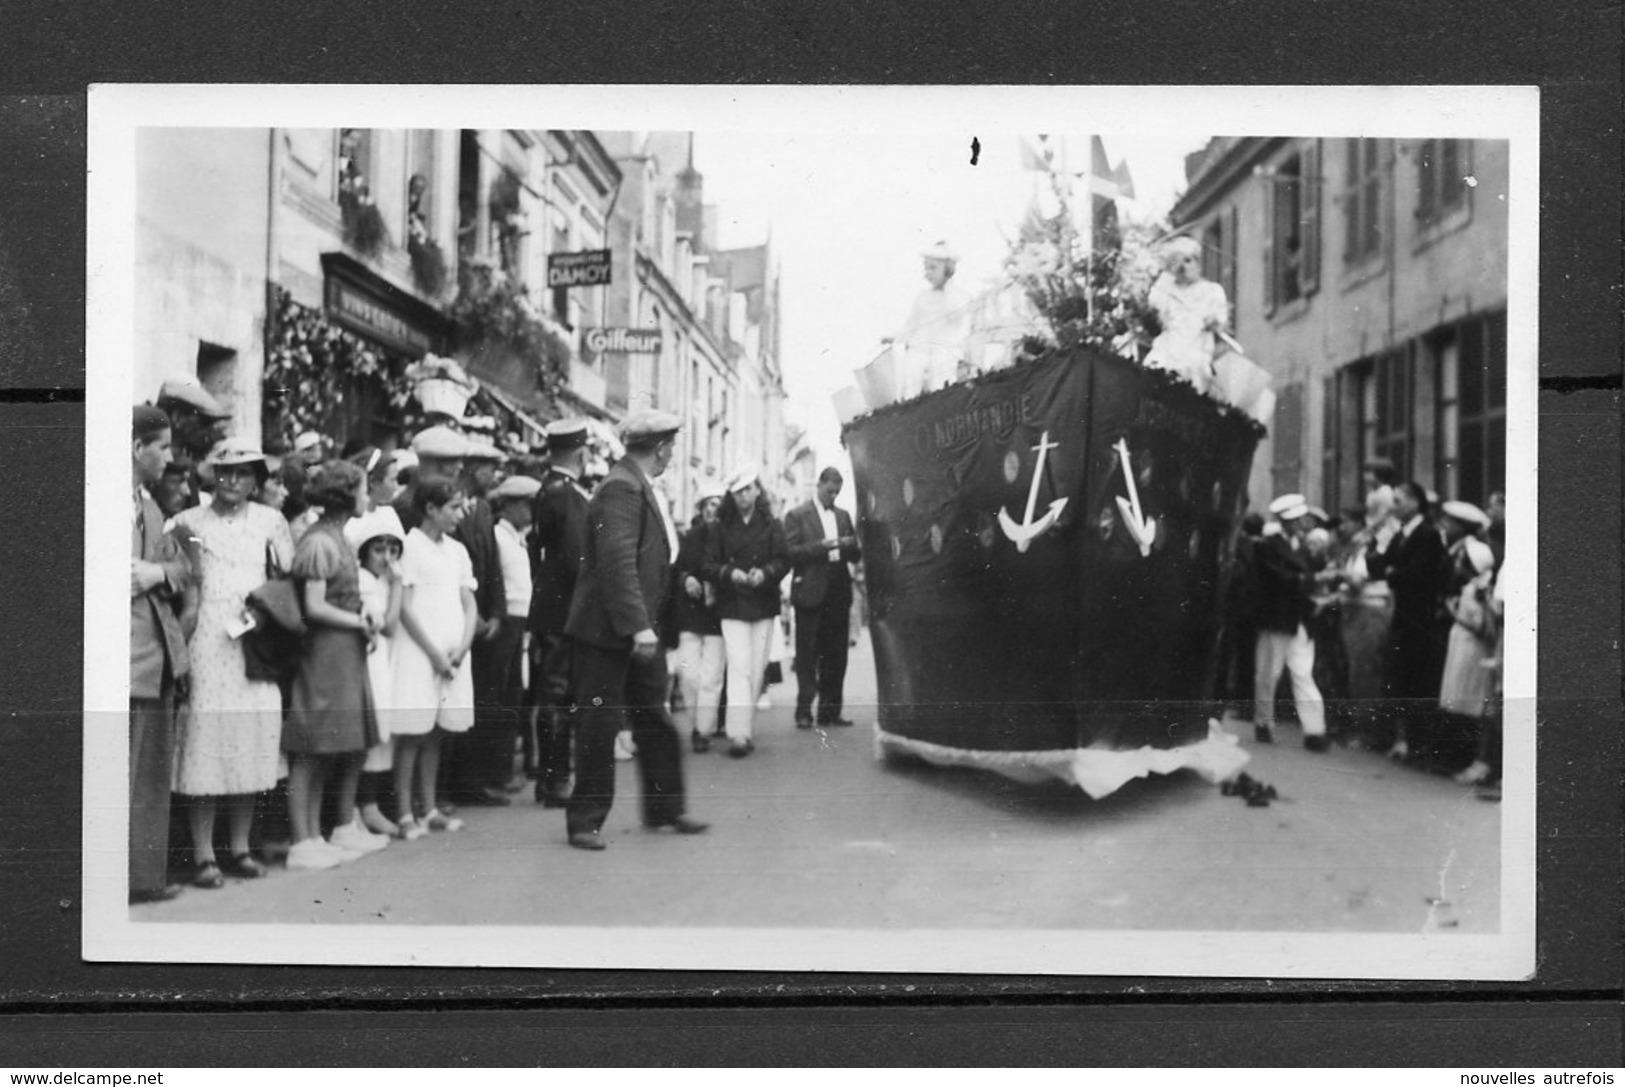 1 PHOTO  PRISE A  MONTOIRE RUE DE RONSARD - FETE AOUT 1938 - CHAR DU PAQUEBOT LE NORMANDIE. - Lieux